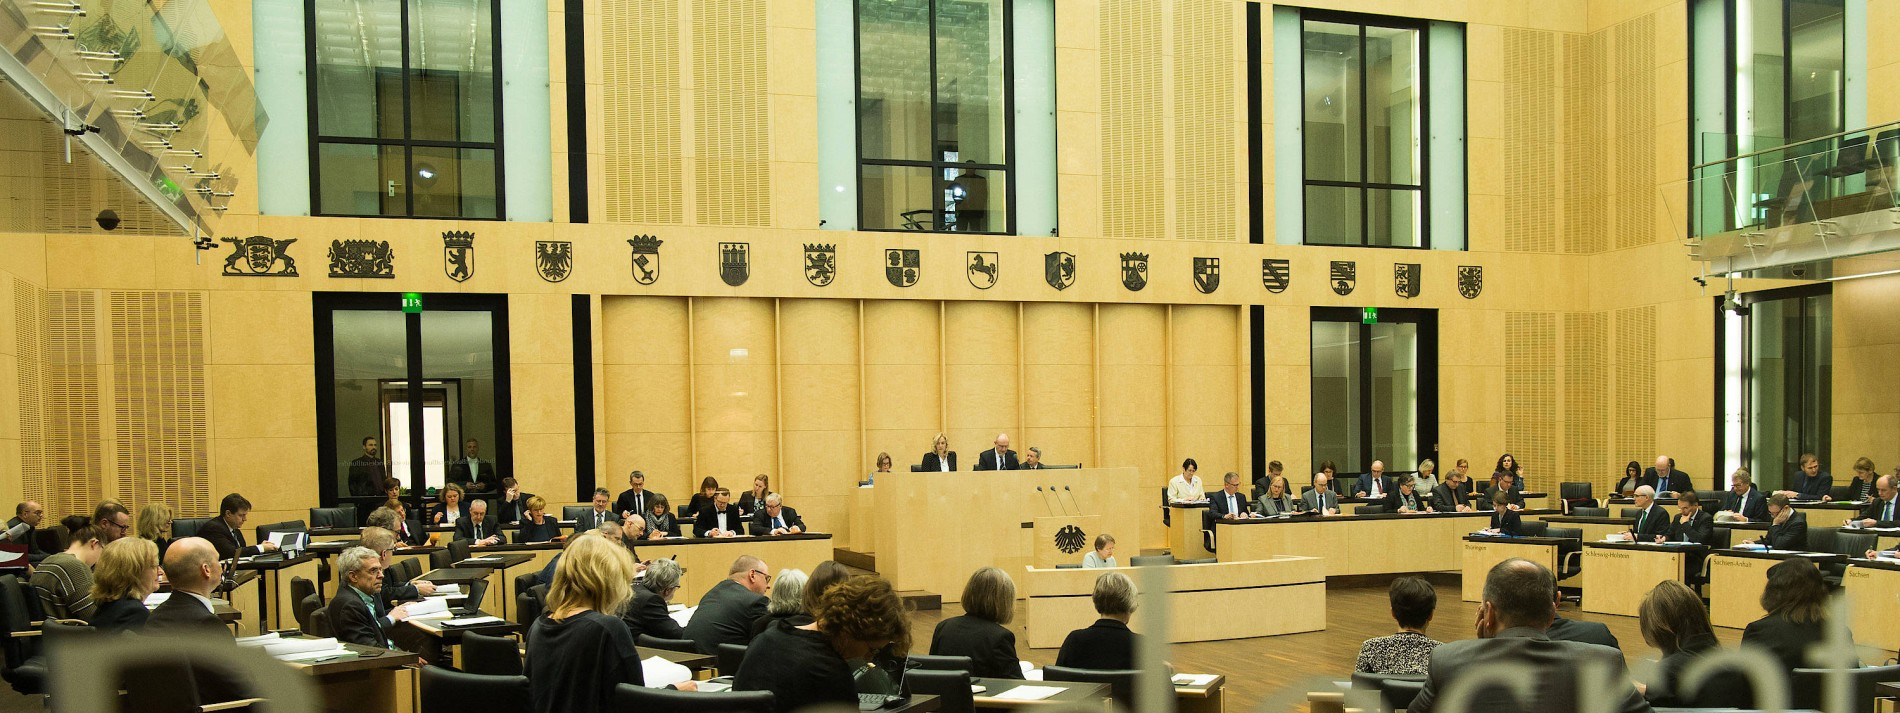 Der wirklich aufregende Alltag im Bundesrat